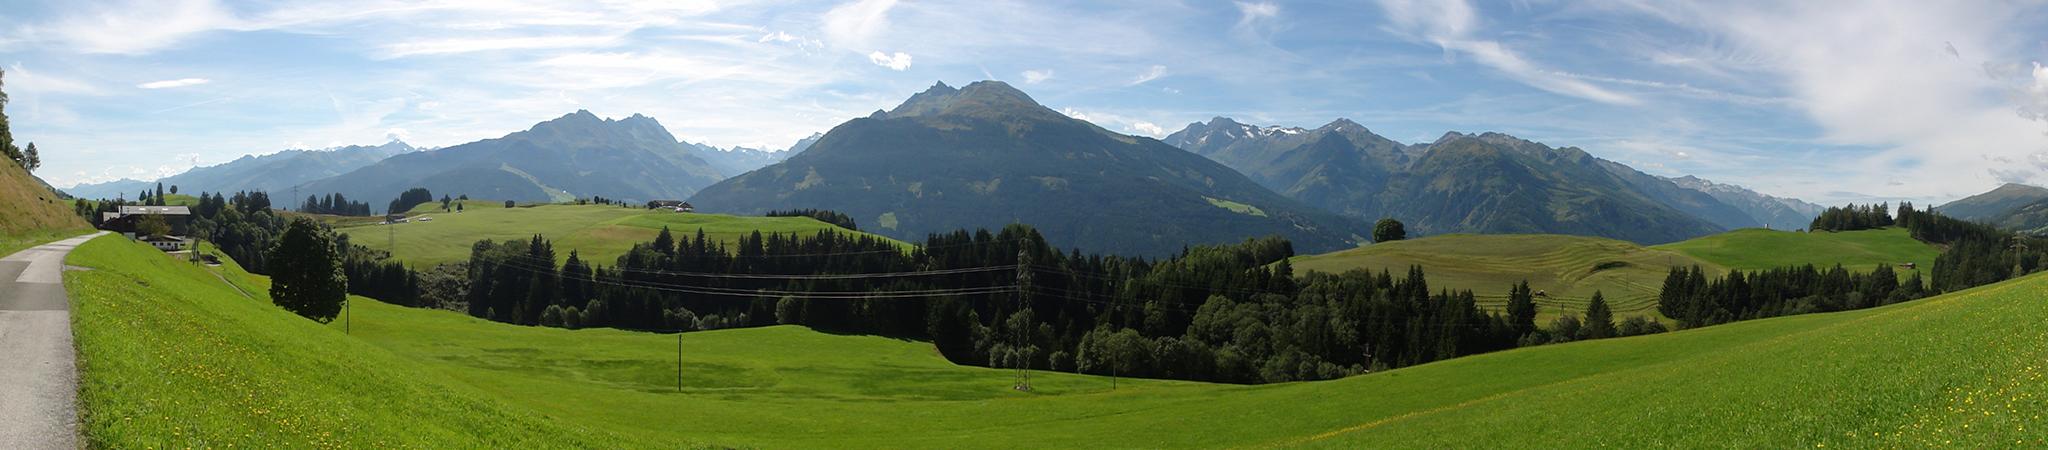 Arnoweg: Gemütliche Wanderung bei Bauernhöfen vorbei Richtung Pass Thurn